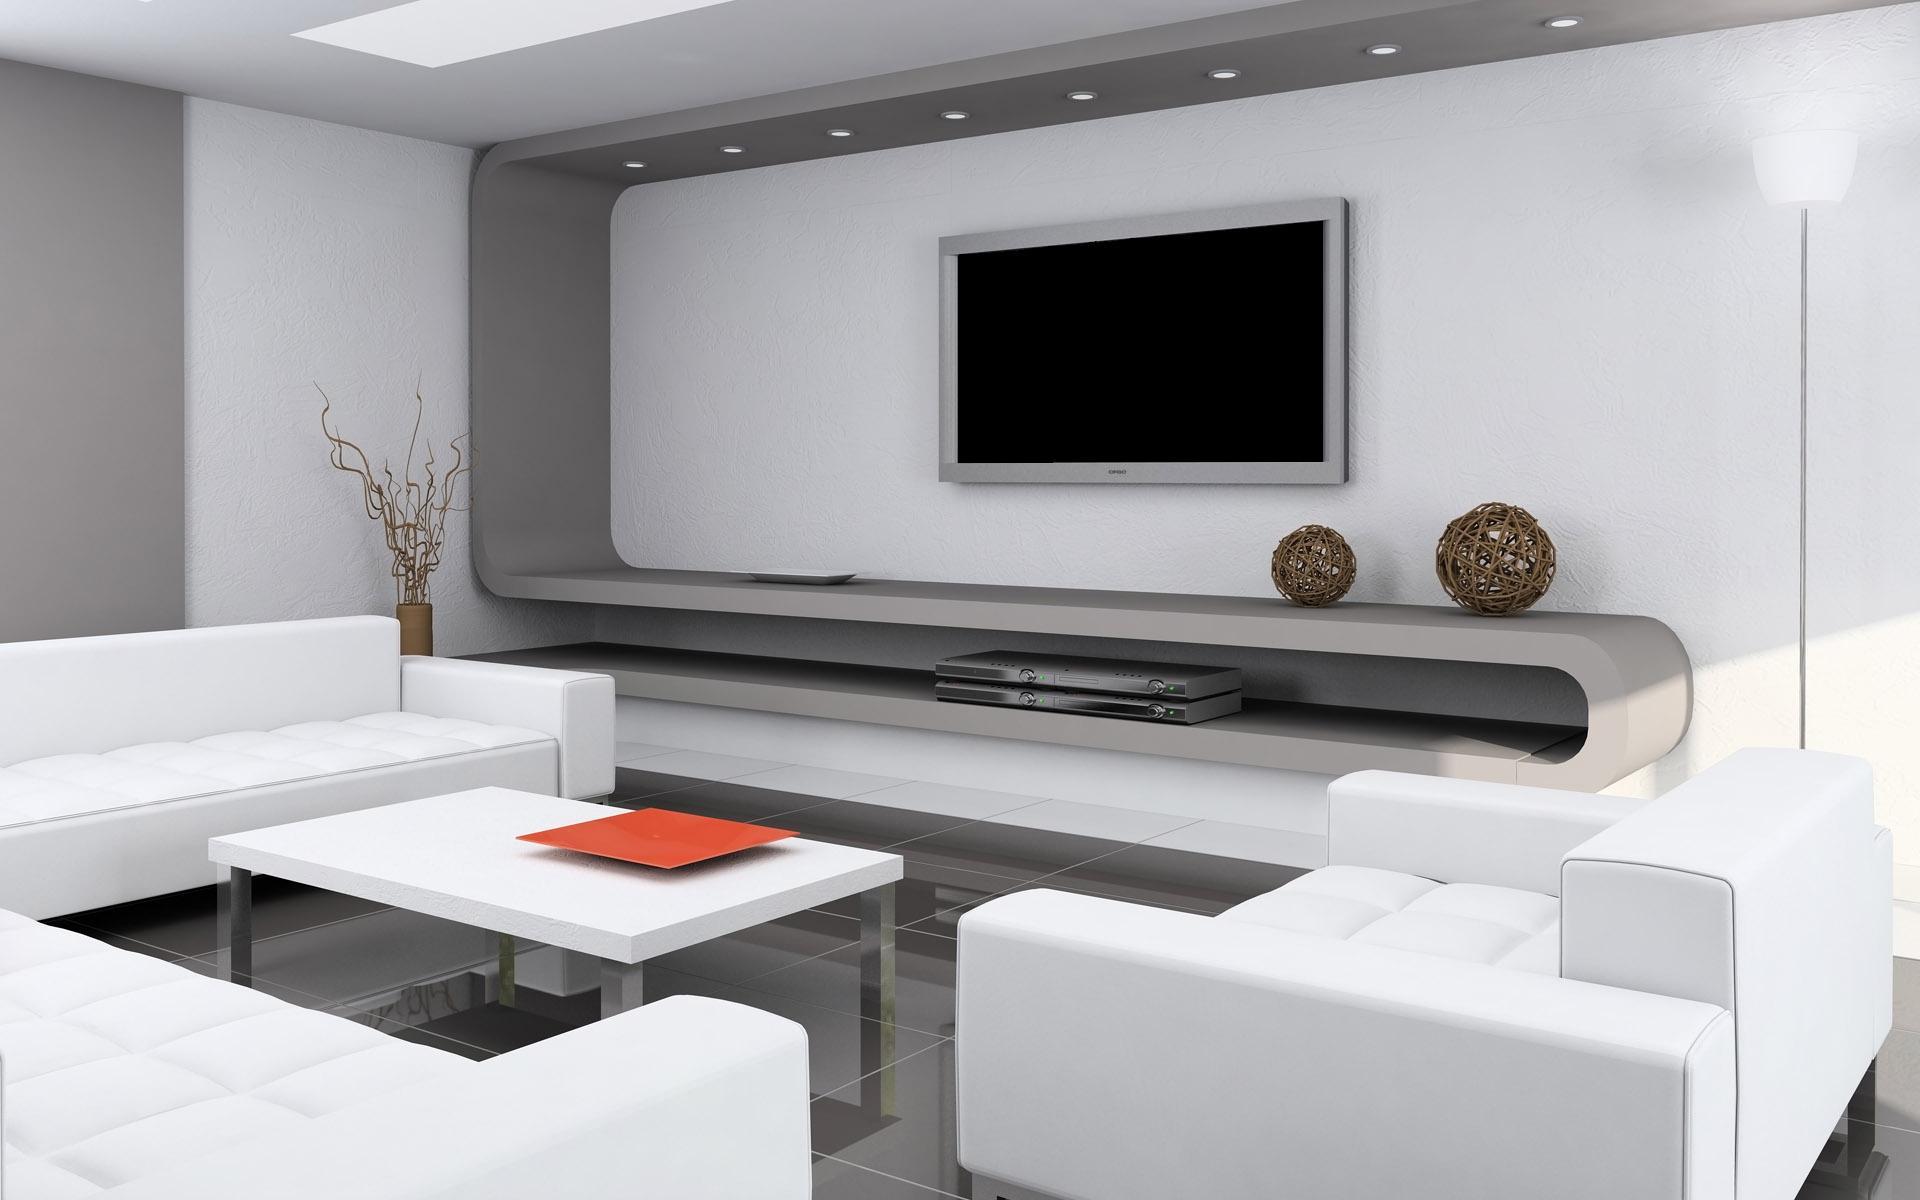 Dise o interior de sala hd 1920x1200 imagenes for Disenos de interiores para salas